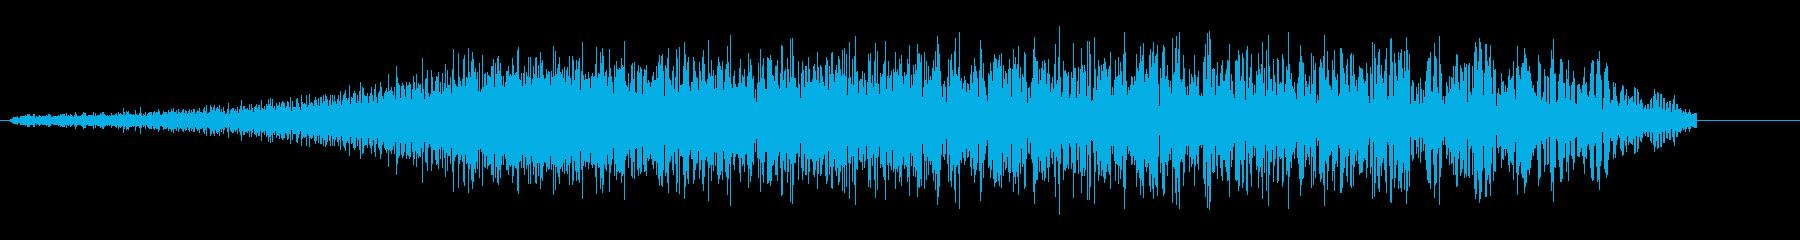 シュワー・ウン(拡張と縮小)の再生済みの波形